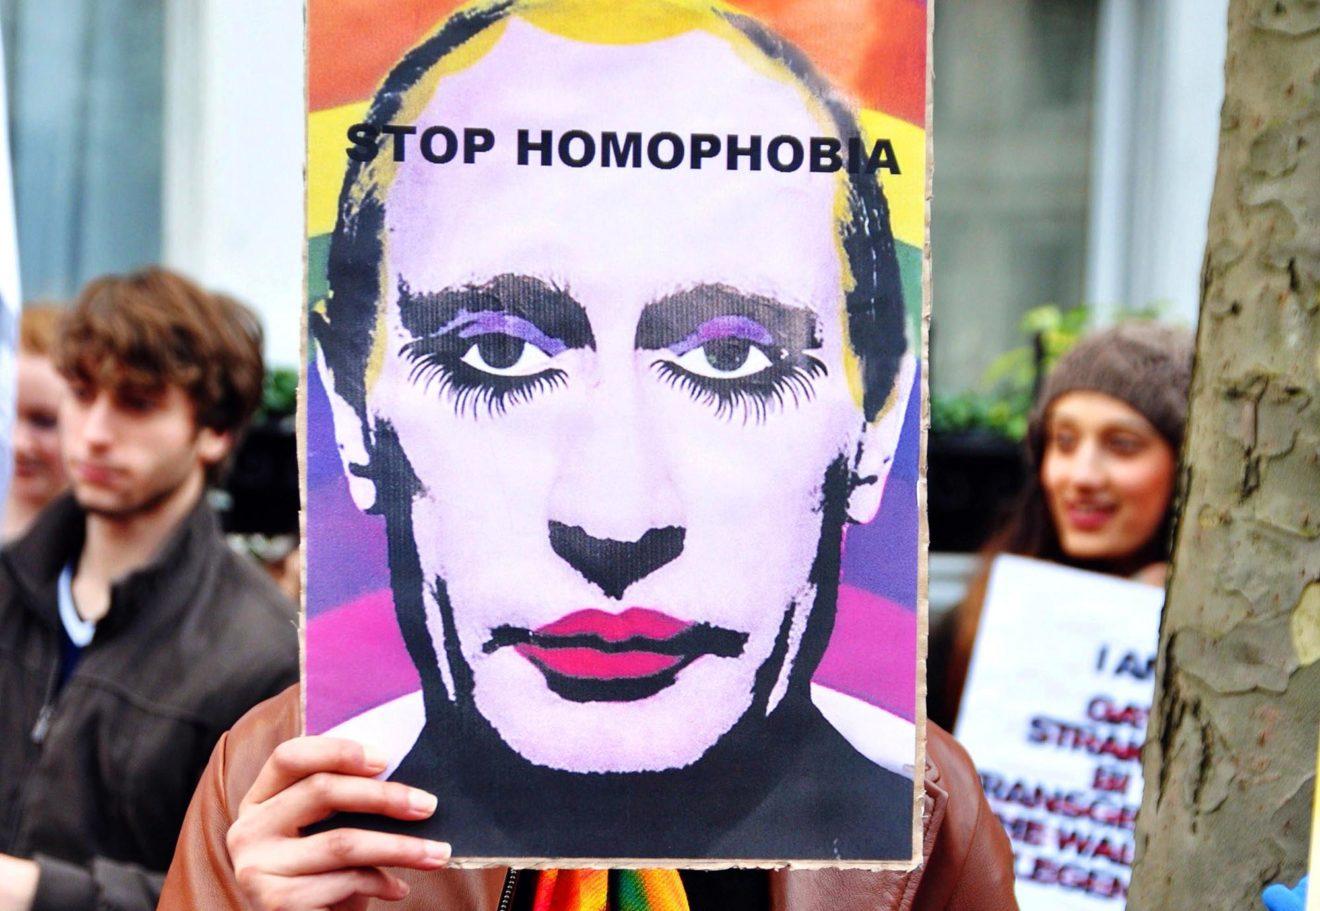 Halte aux discriminations et exactions visant la communauté LGBT en Russie